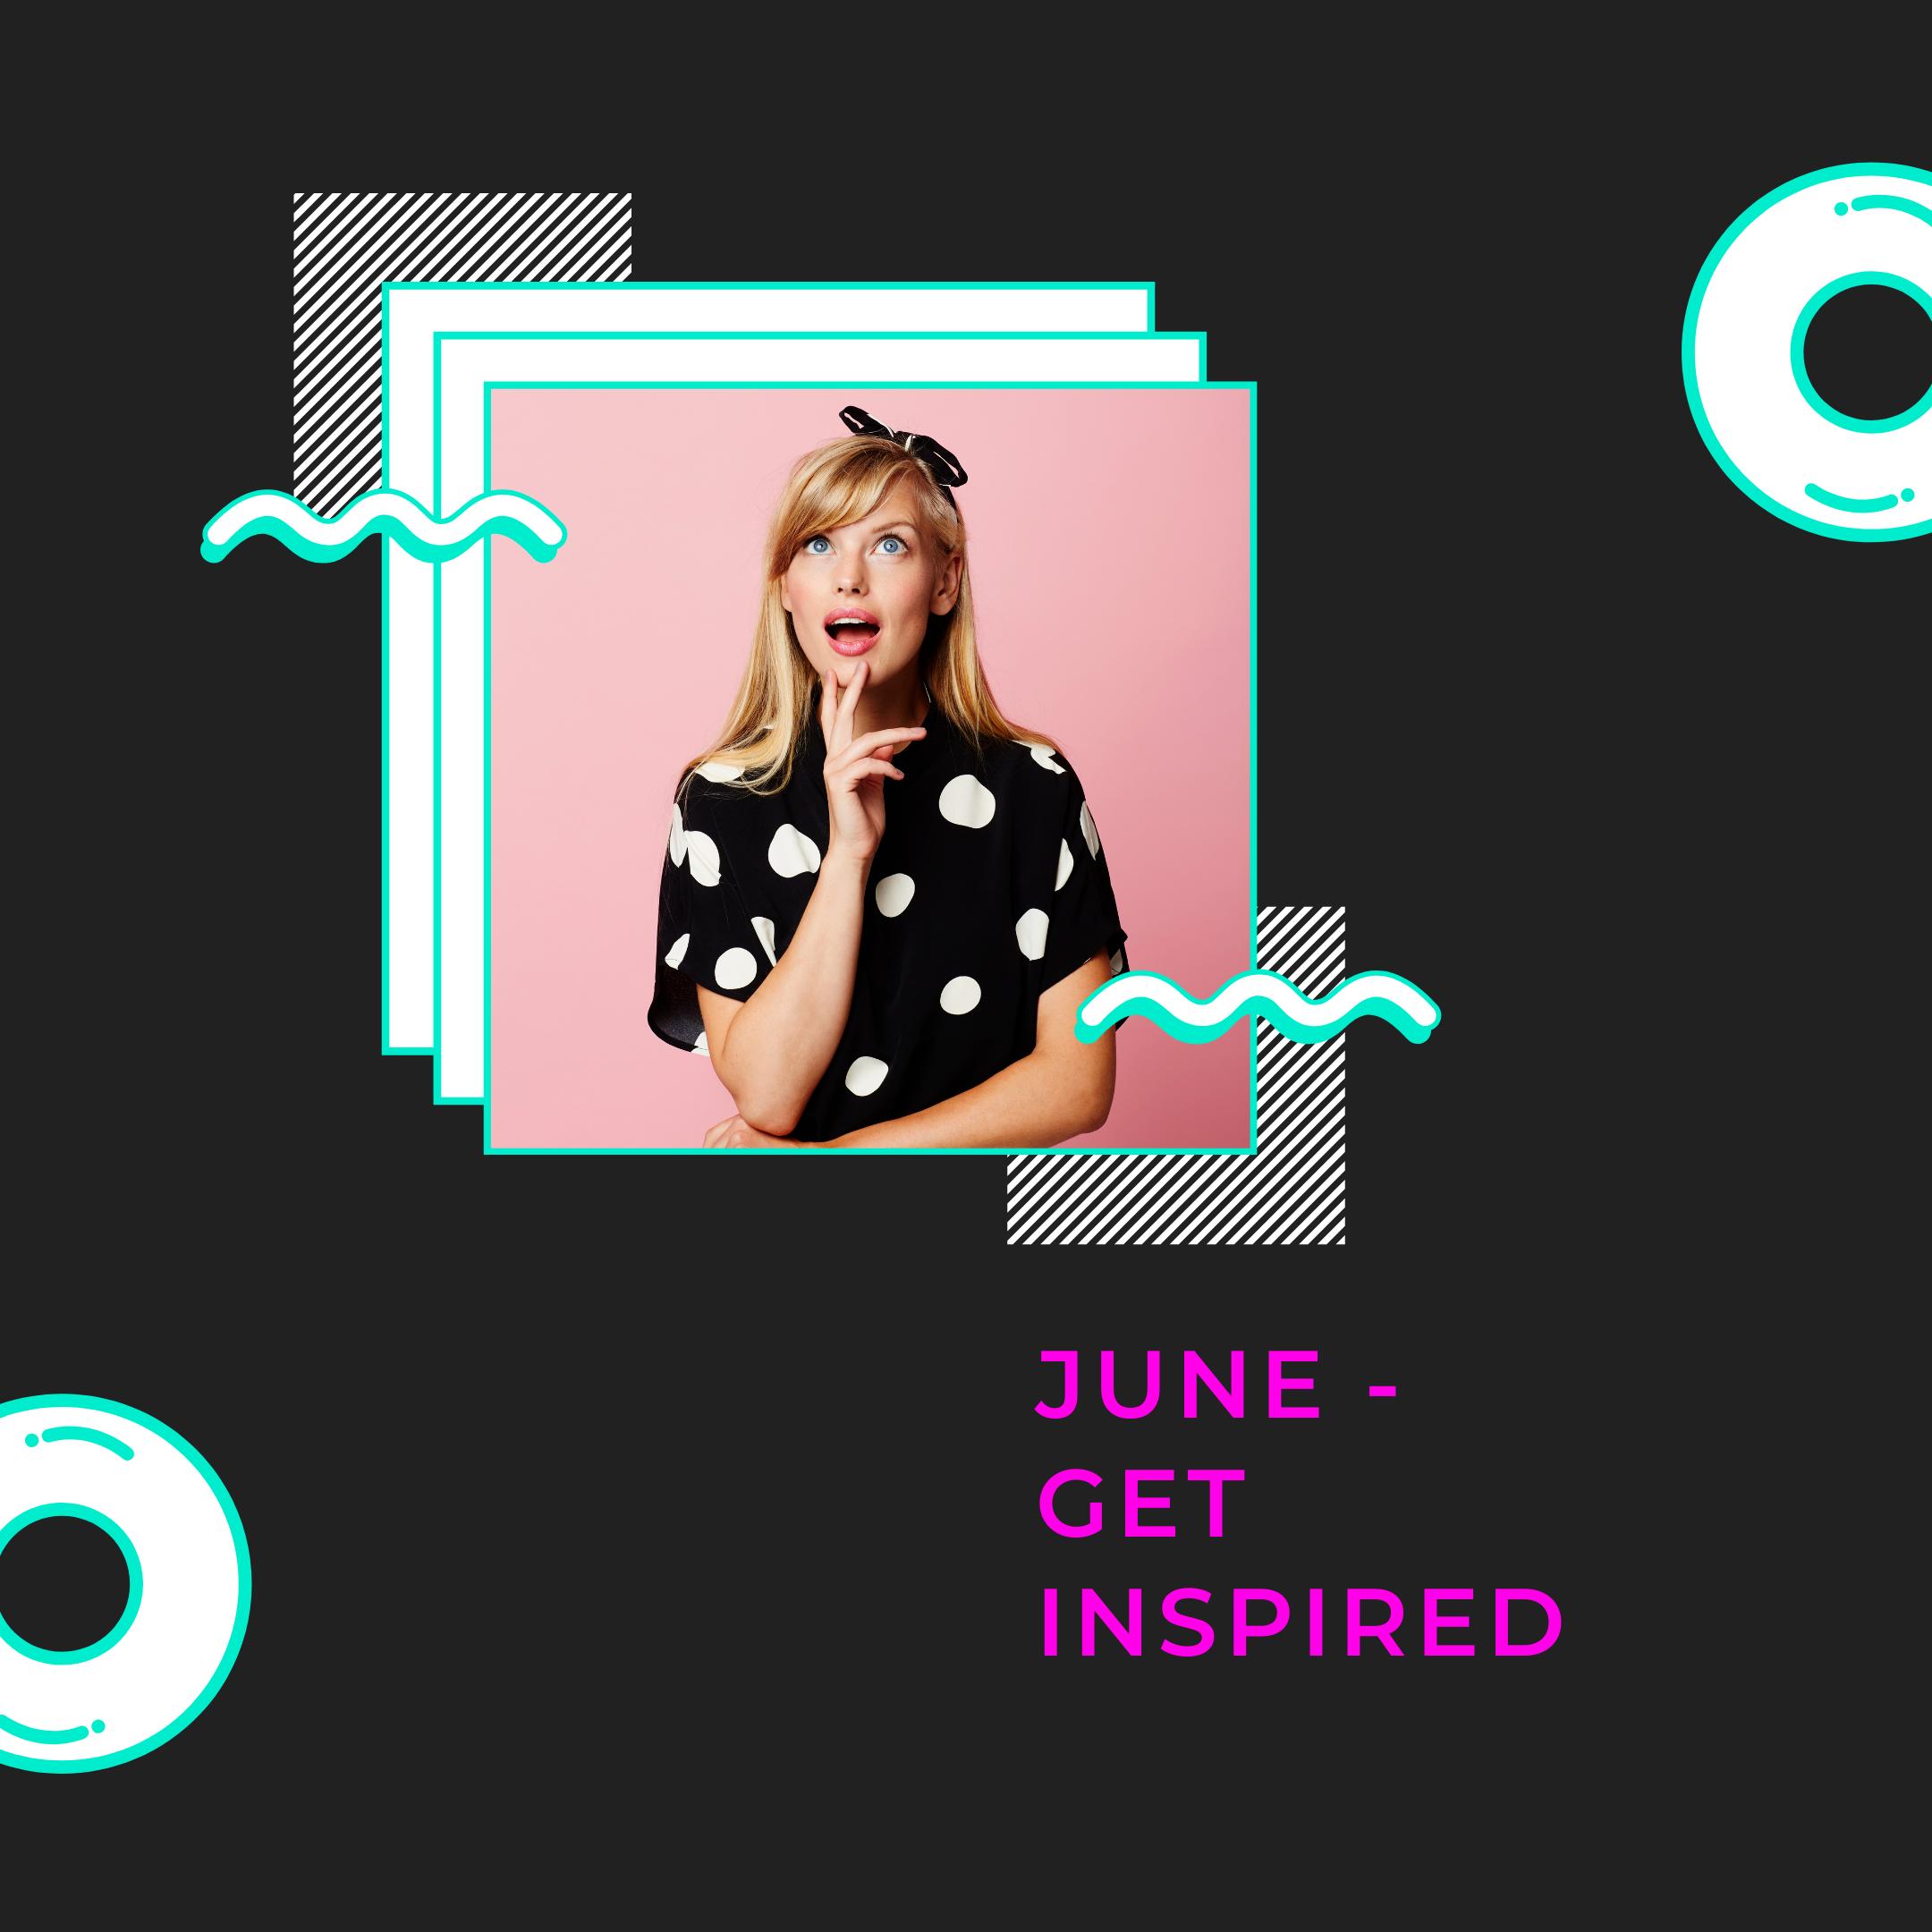 Get inspired in June